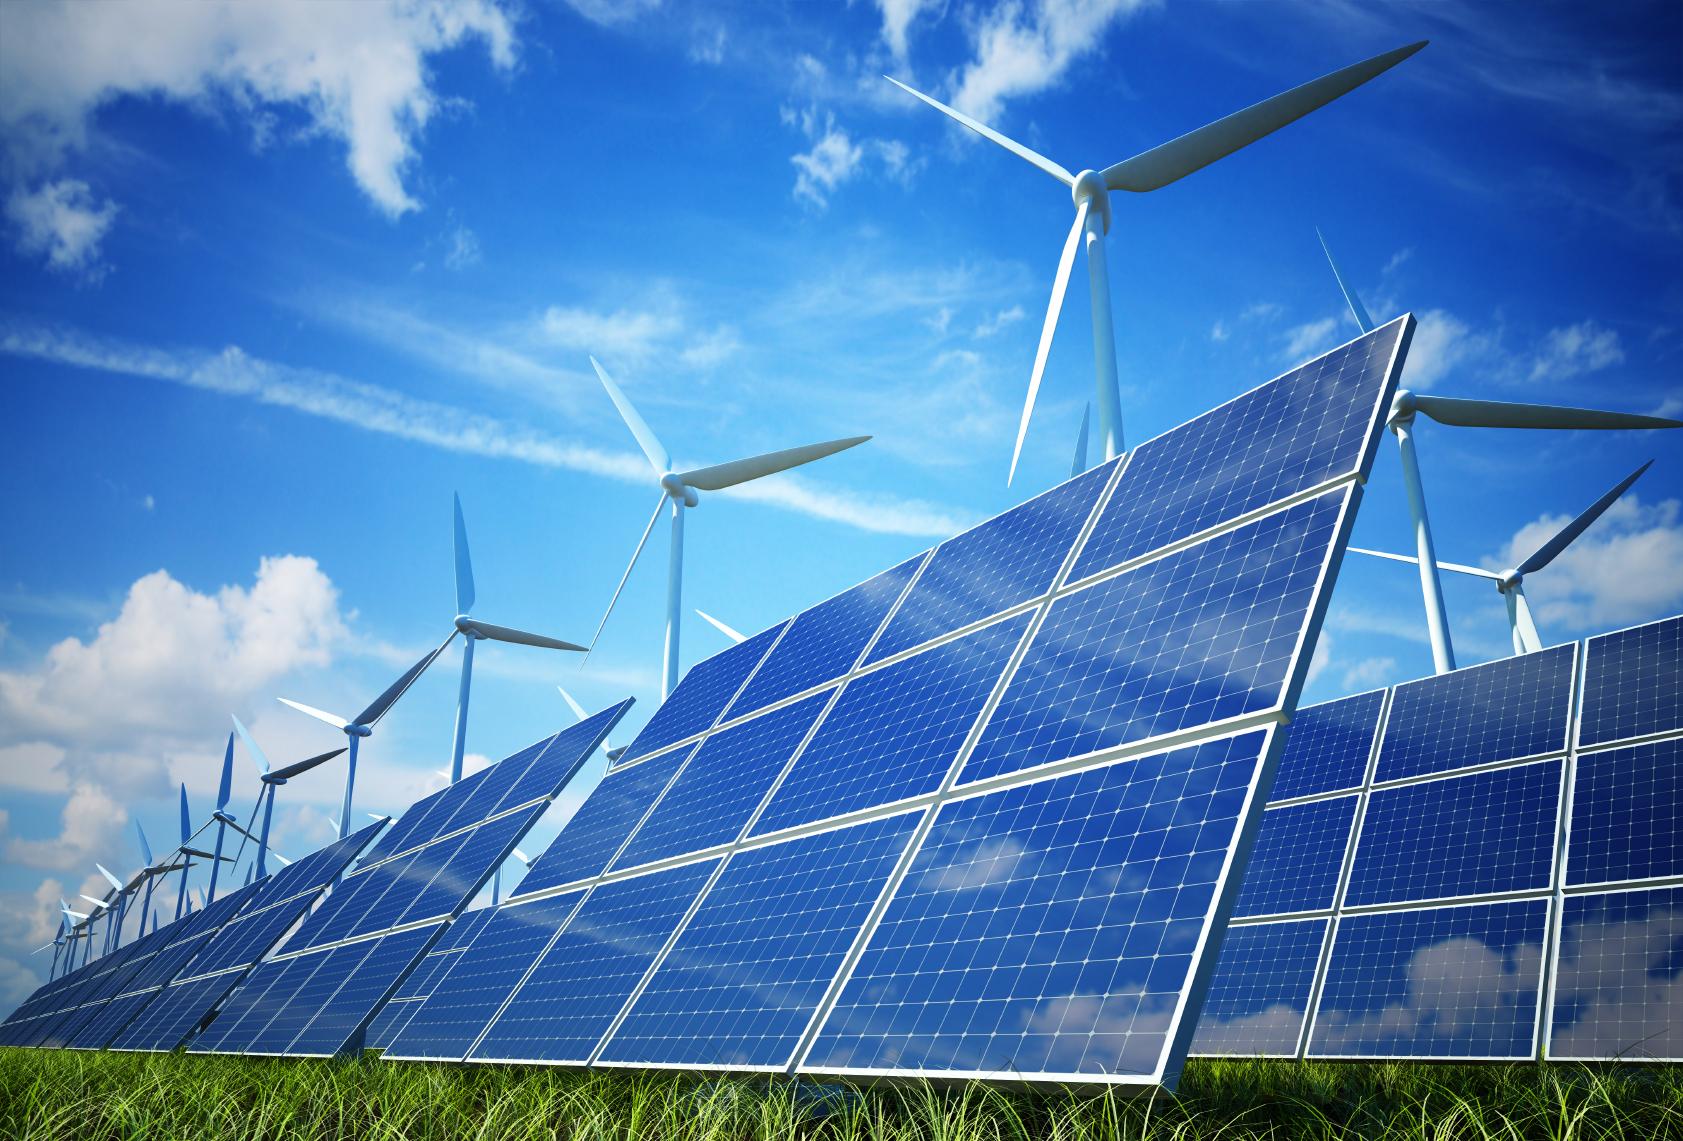 Το Παρακαταθηκών χρηματοδοτεί την παραγωγή ενέργειας από Δήμους